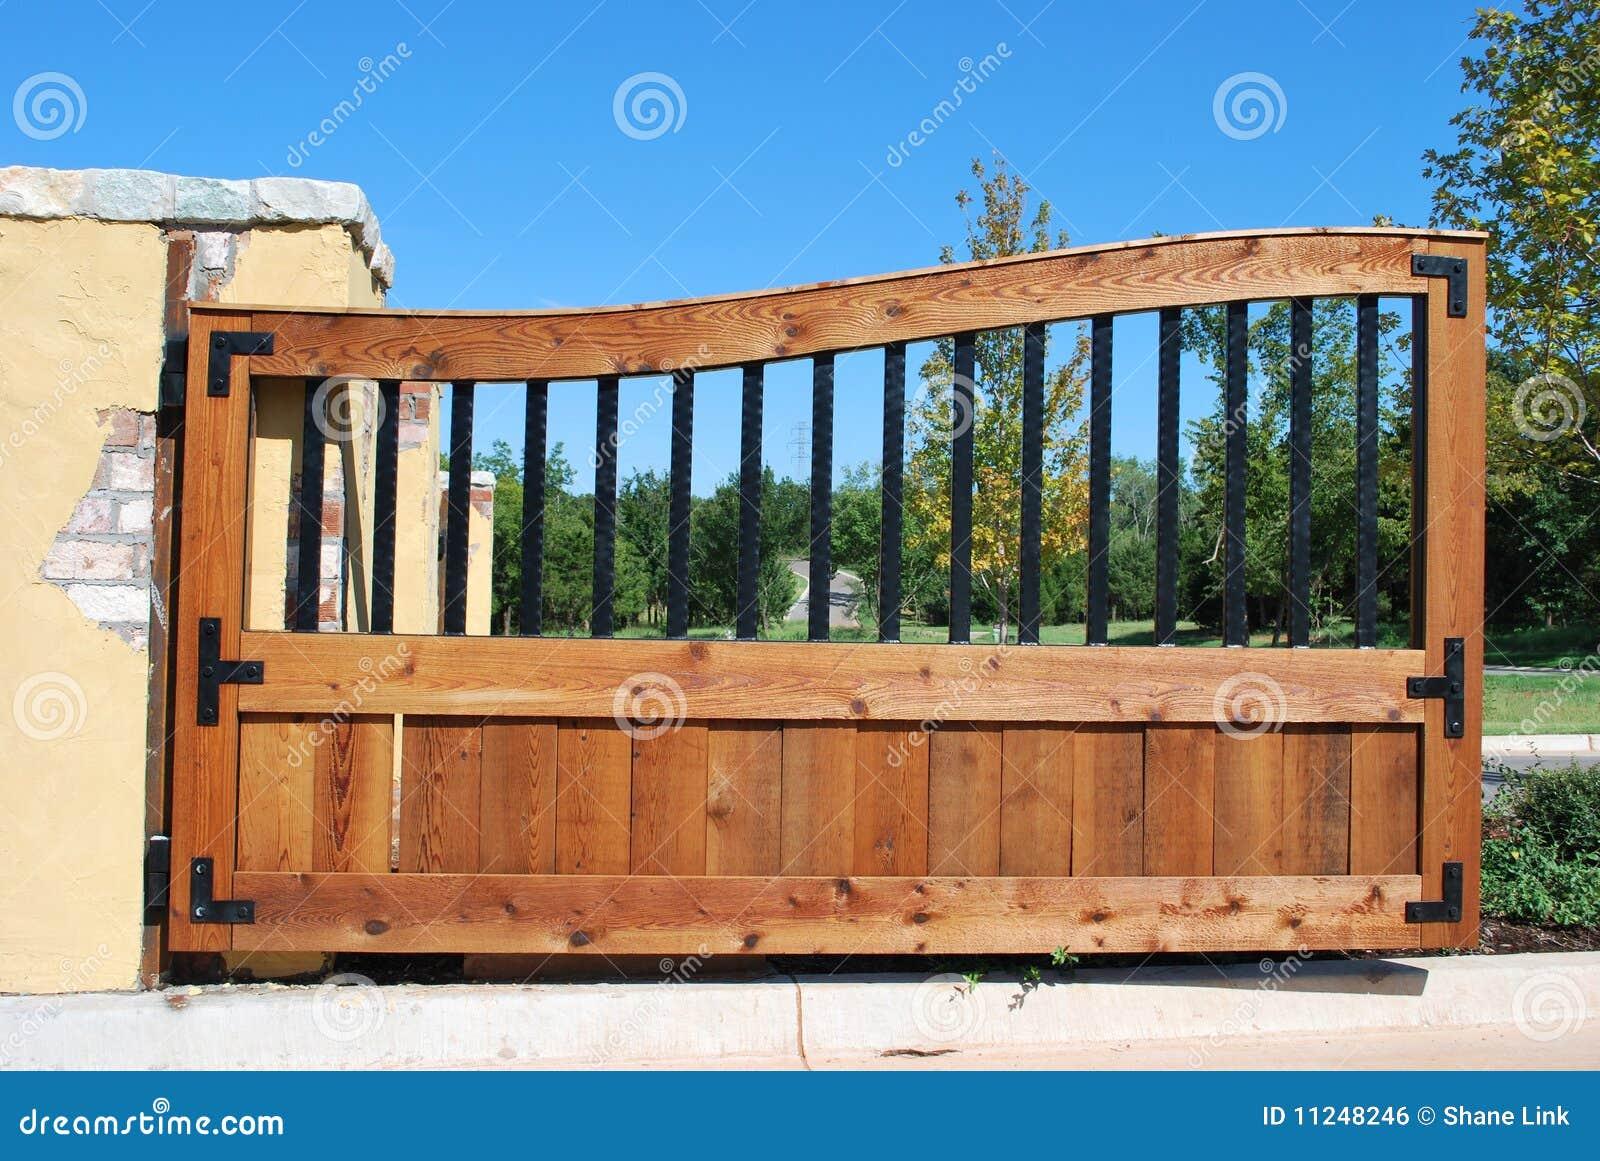 Entrata Del Cancello Del Ferro E Di Legno. Immagine Stock Libera da Diritti - Immagine: 11248246